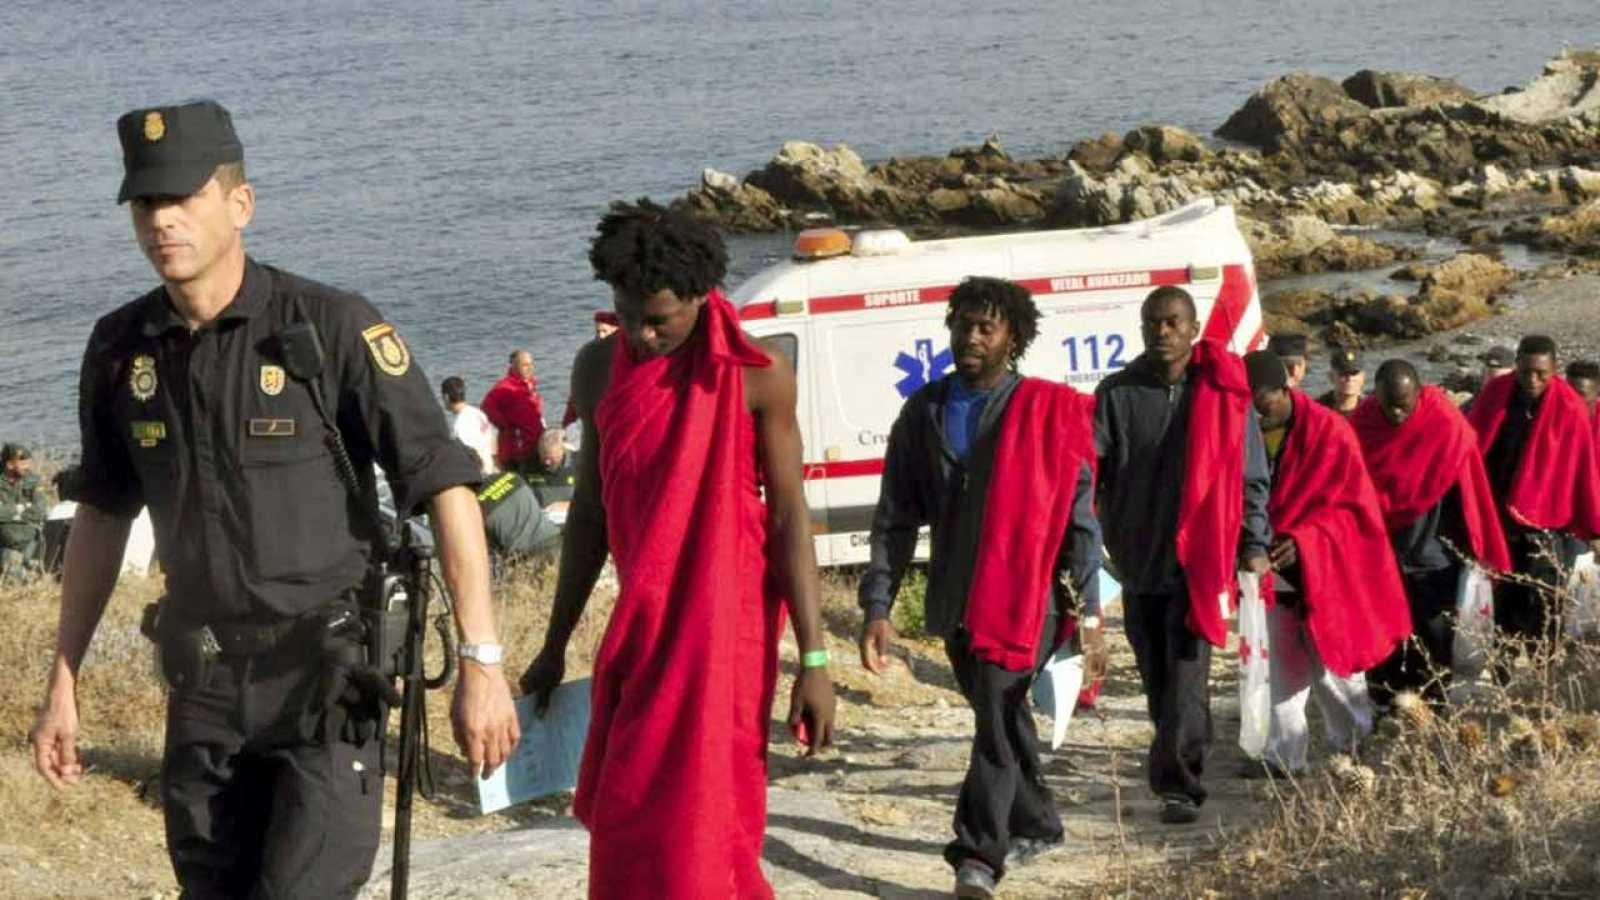 Un grupo de inmigrantes subsaharianos en Ceuta el pasado 3 de octubre.